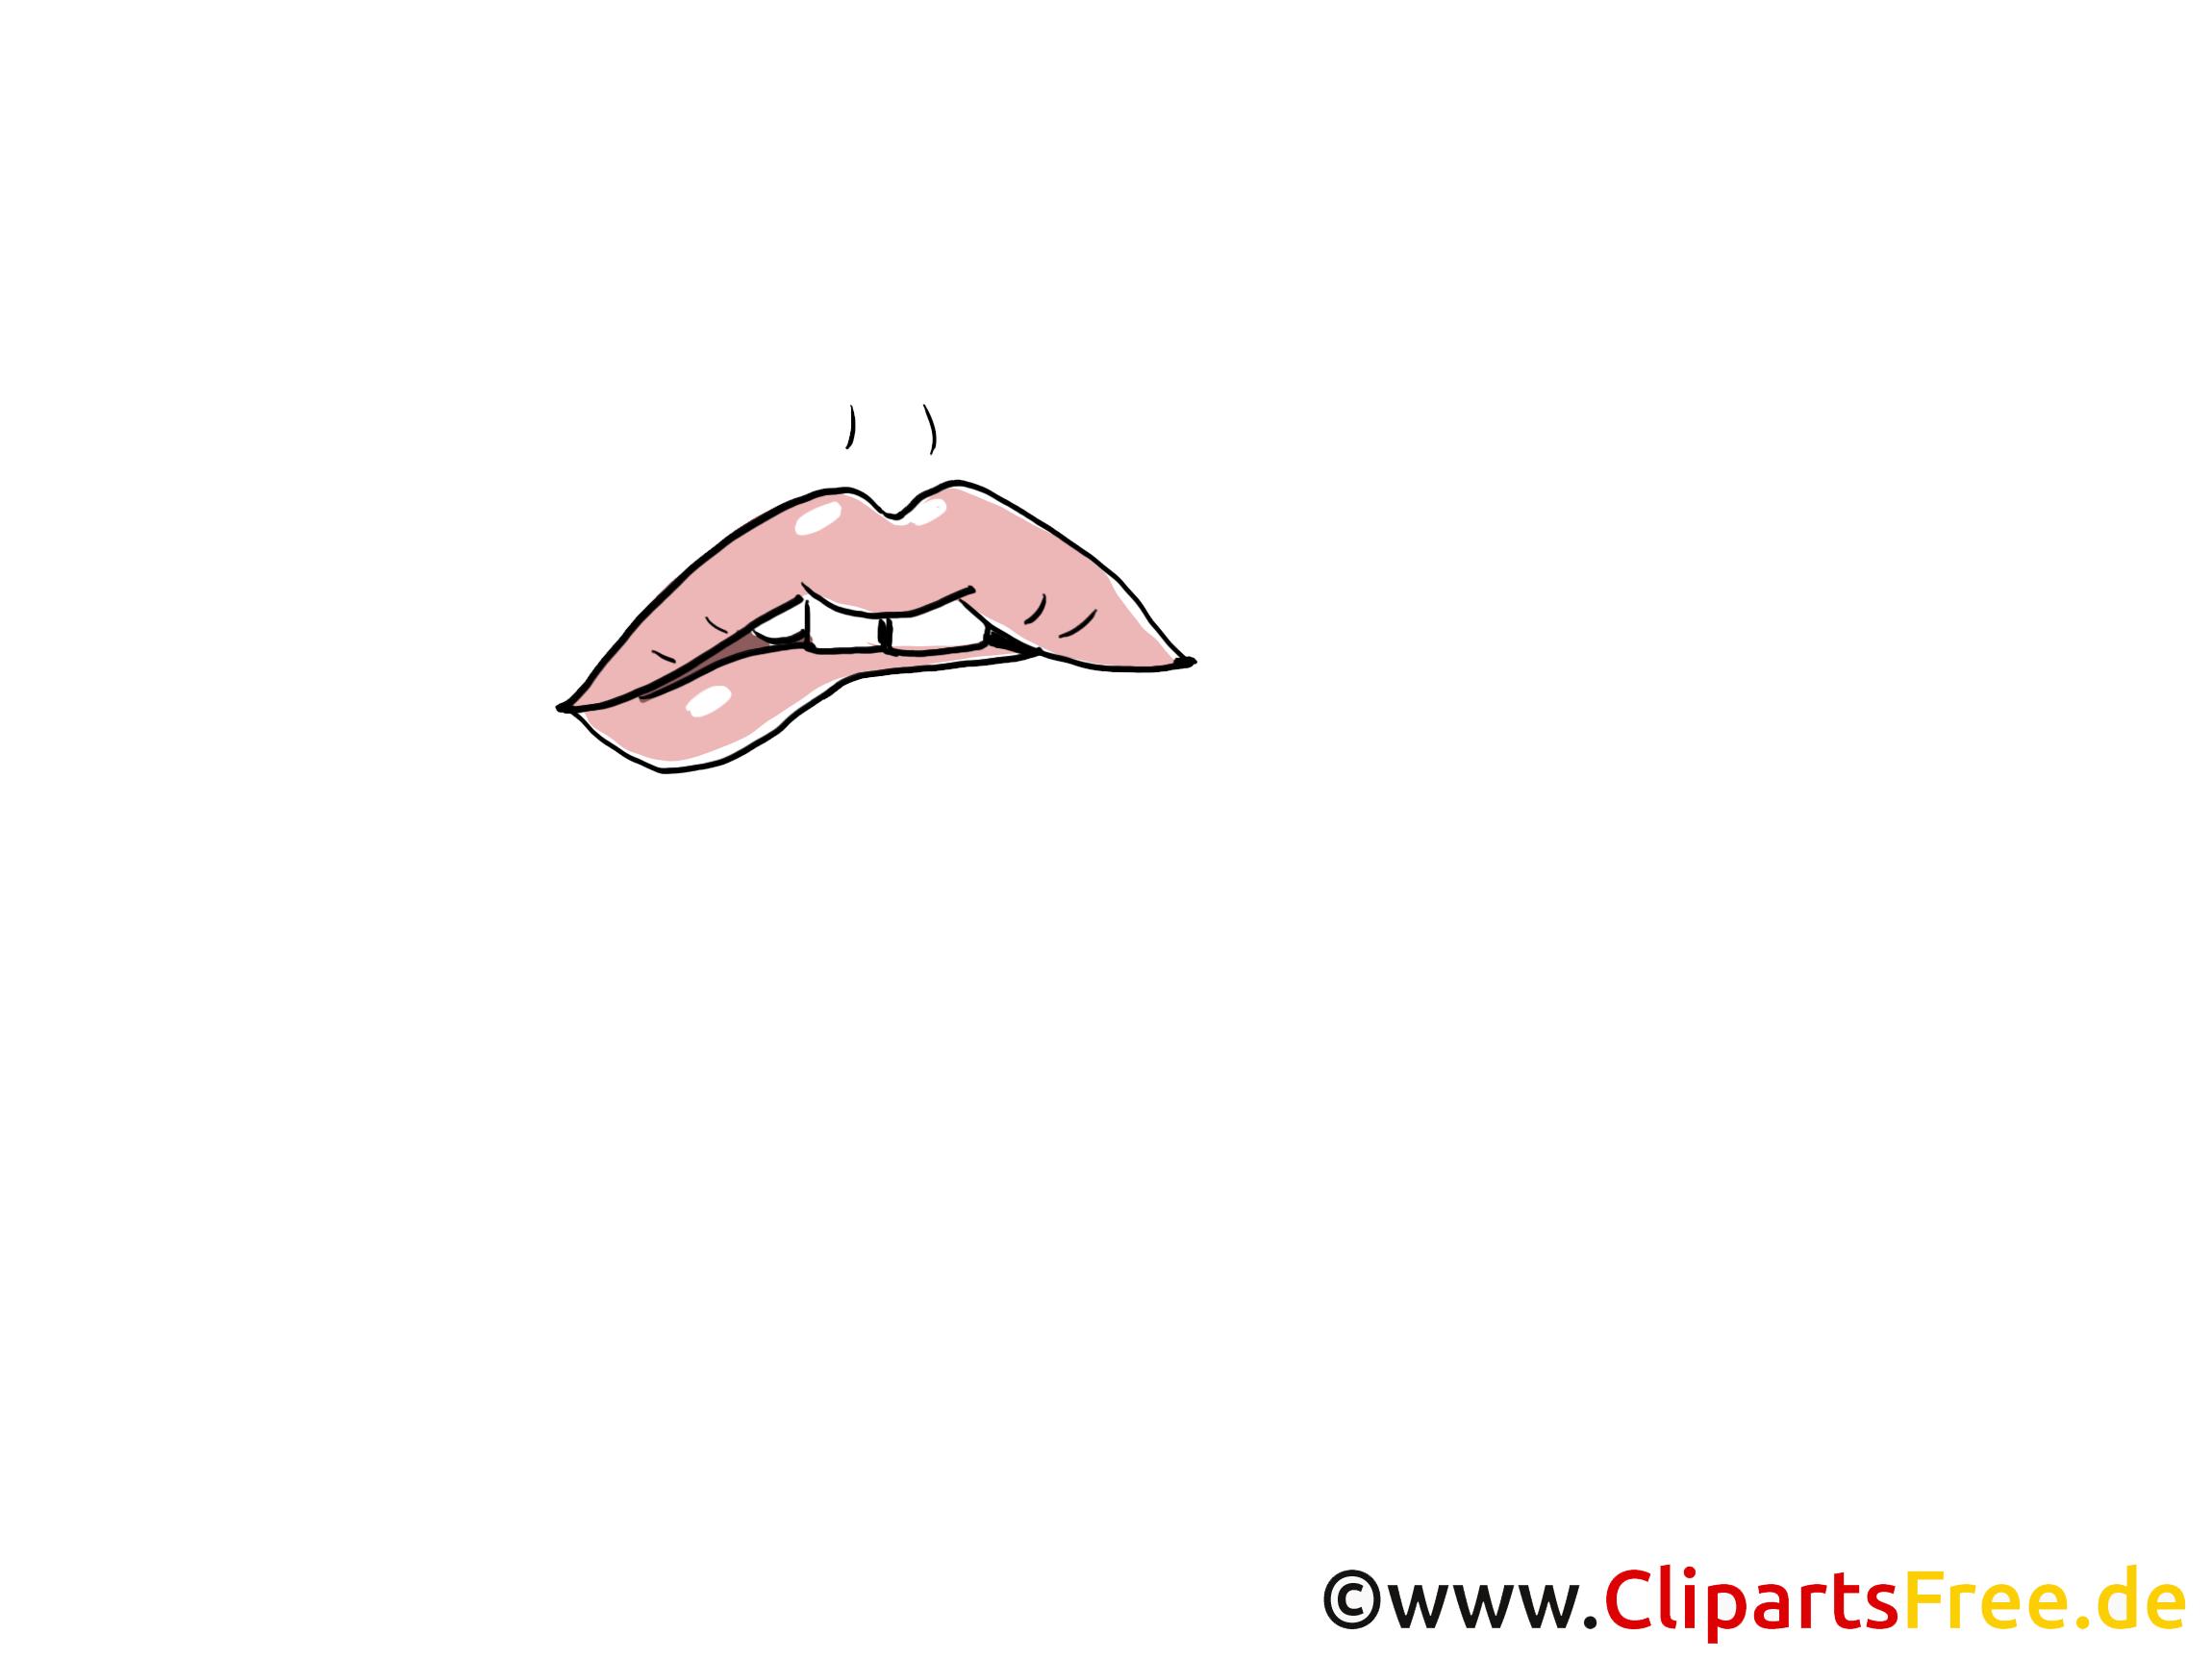 Vexé lèvres dessin illustration à télécharger gratuite